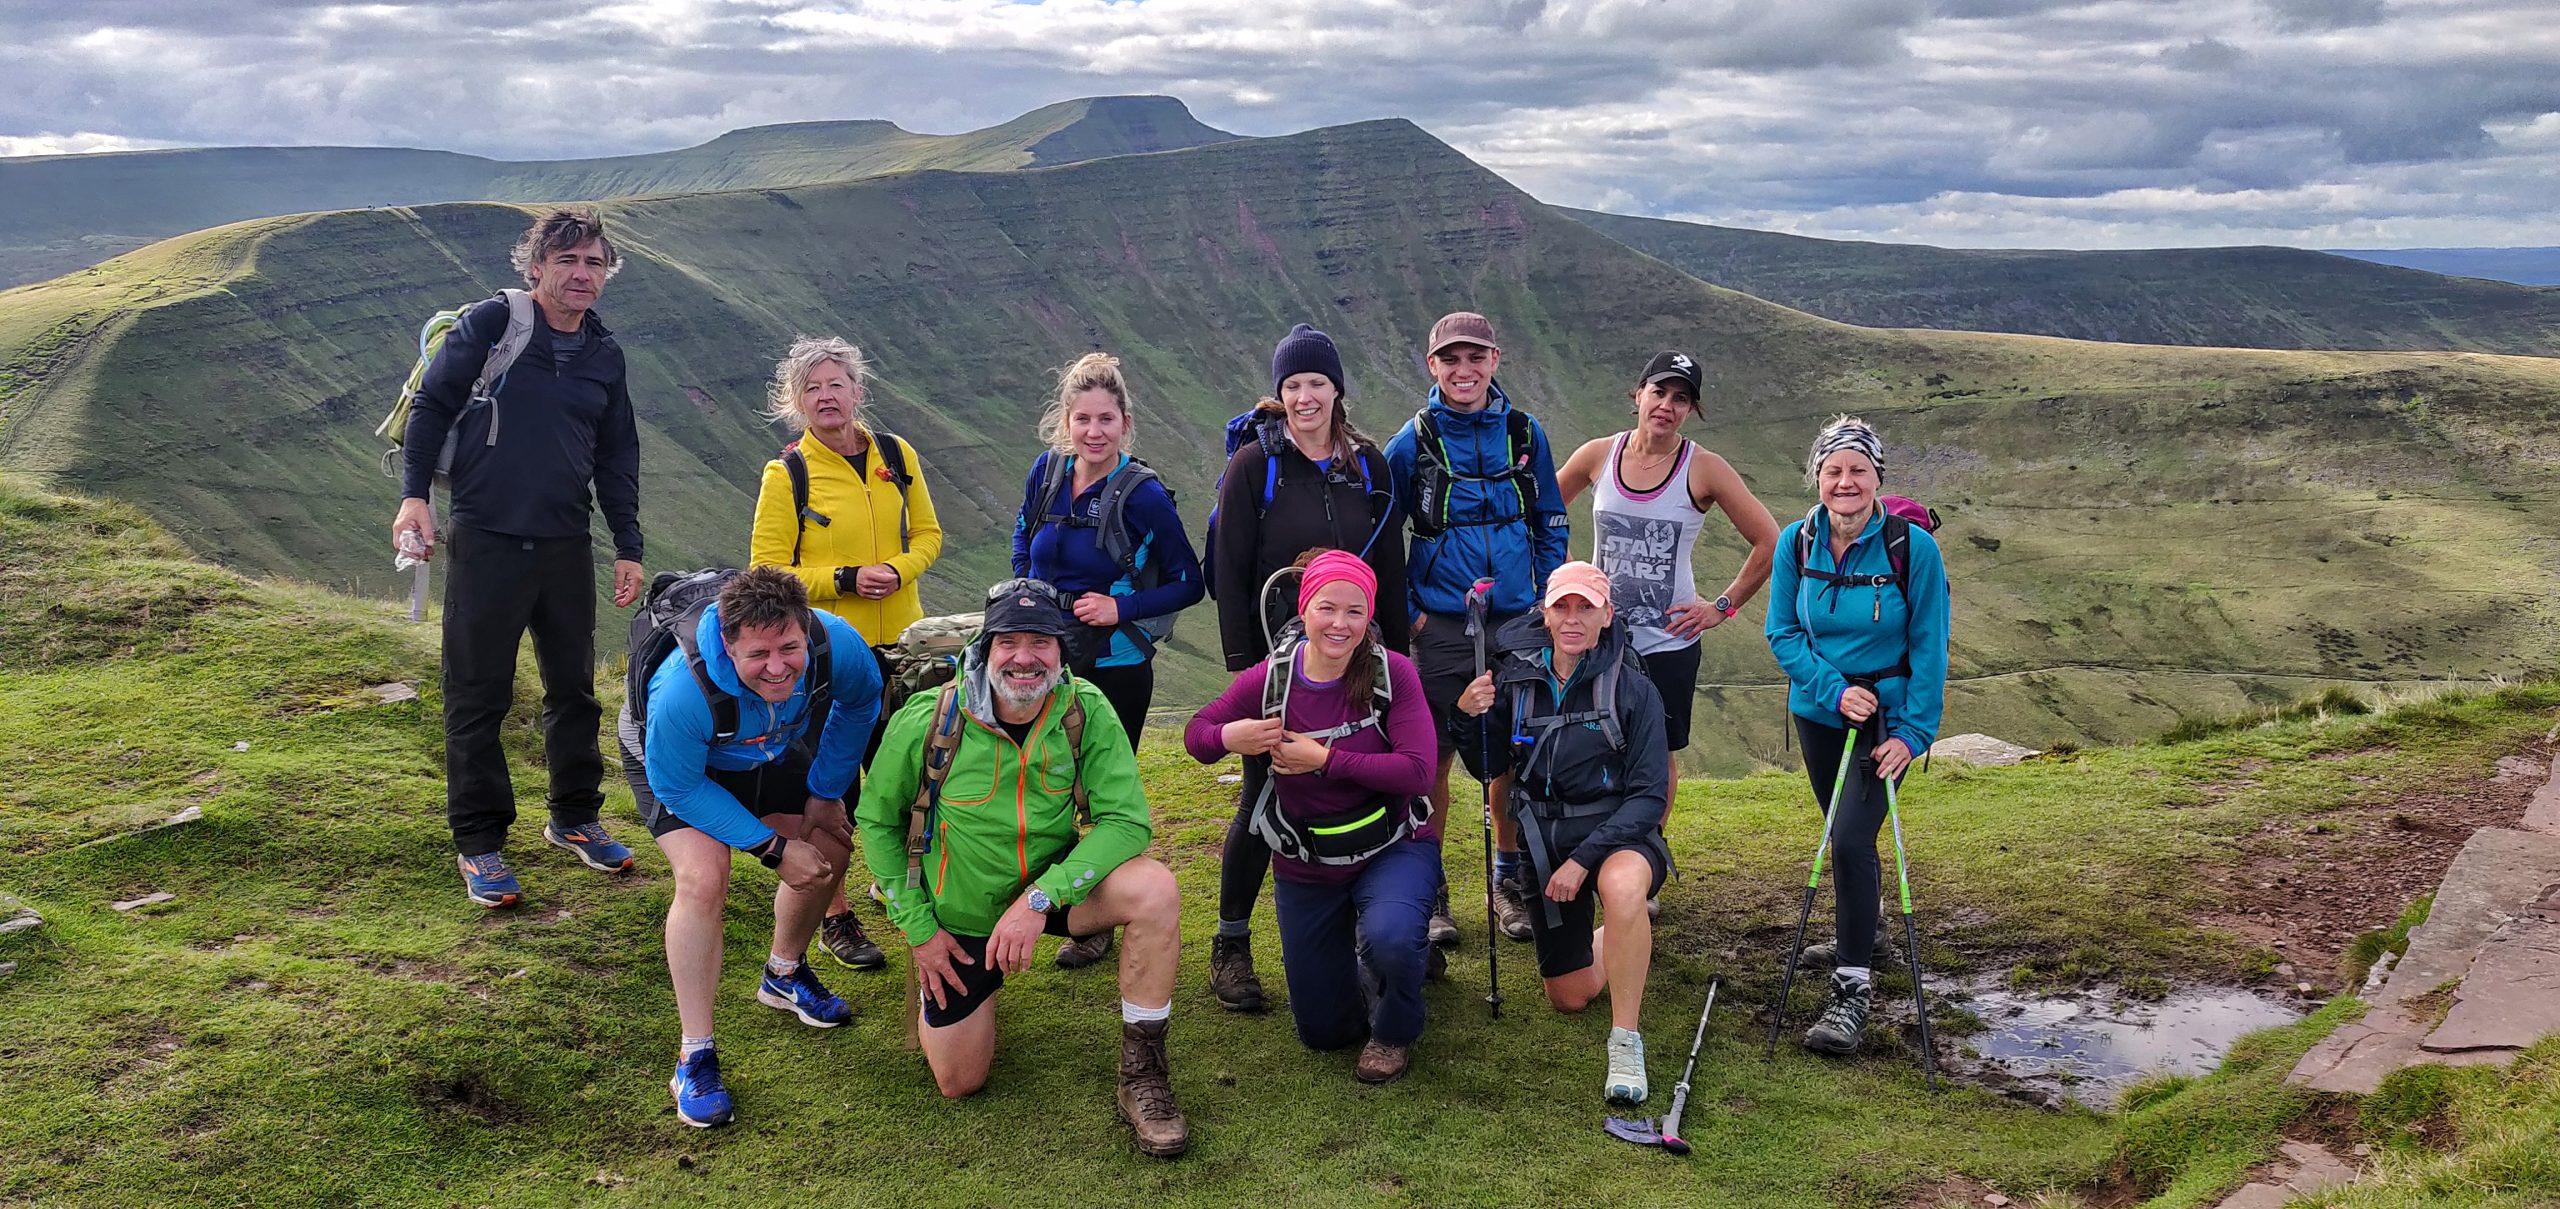 Brecon Beacons 10 Peak Challenge